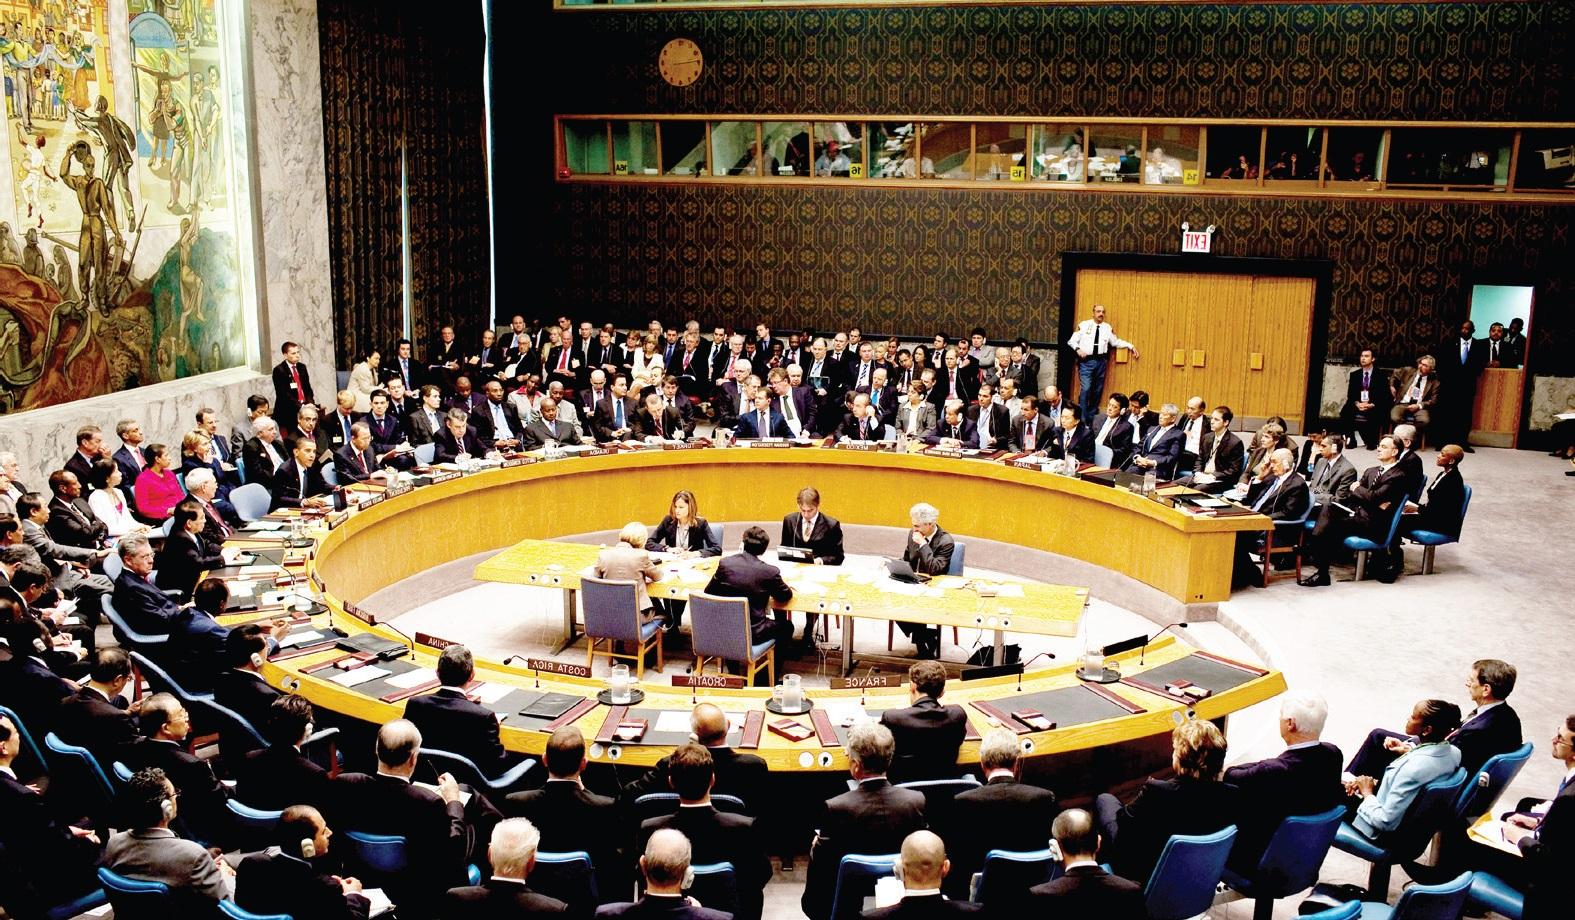 ليبيا .. جلسة مغلقة لمجلس الأمن لاستصدار قرار بوقف إطلاق النار